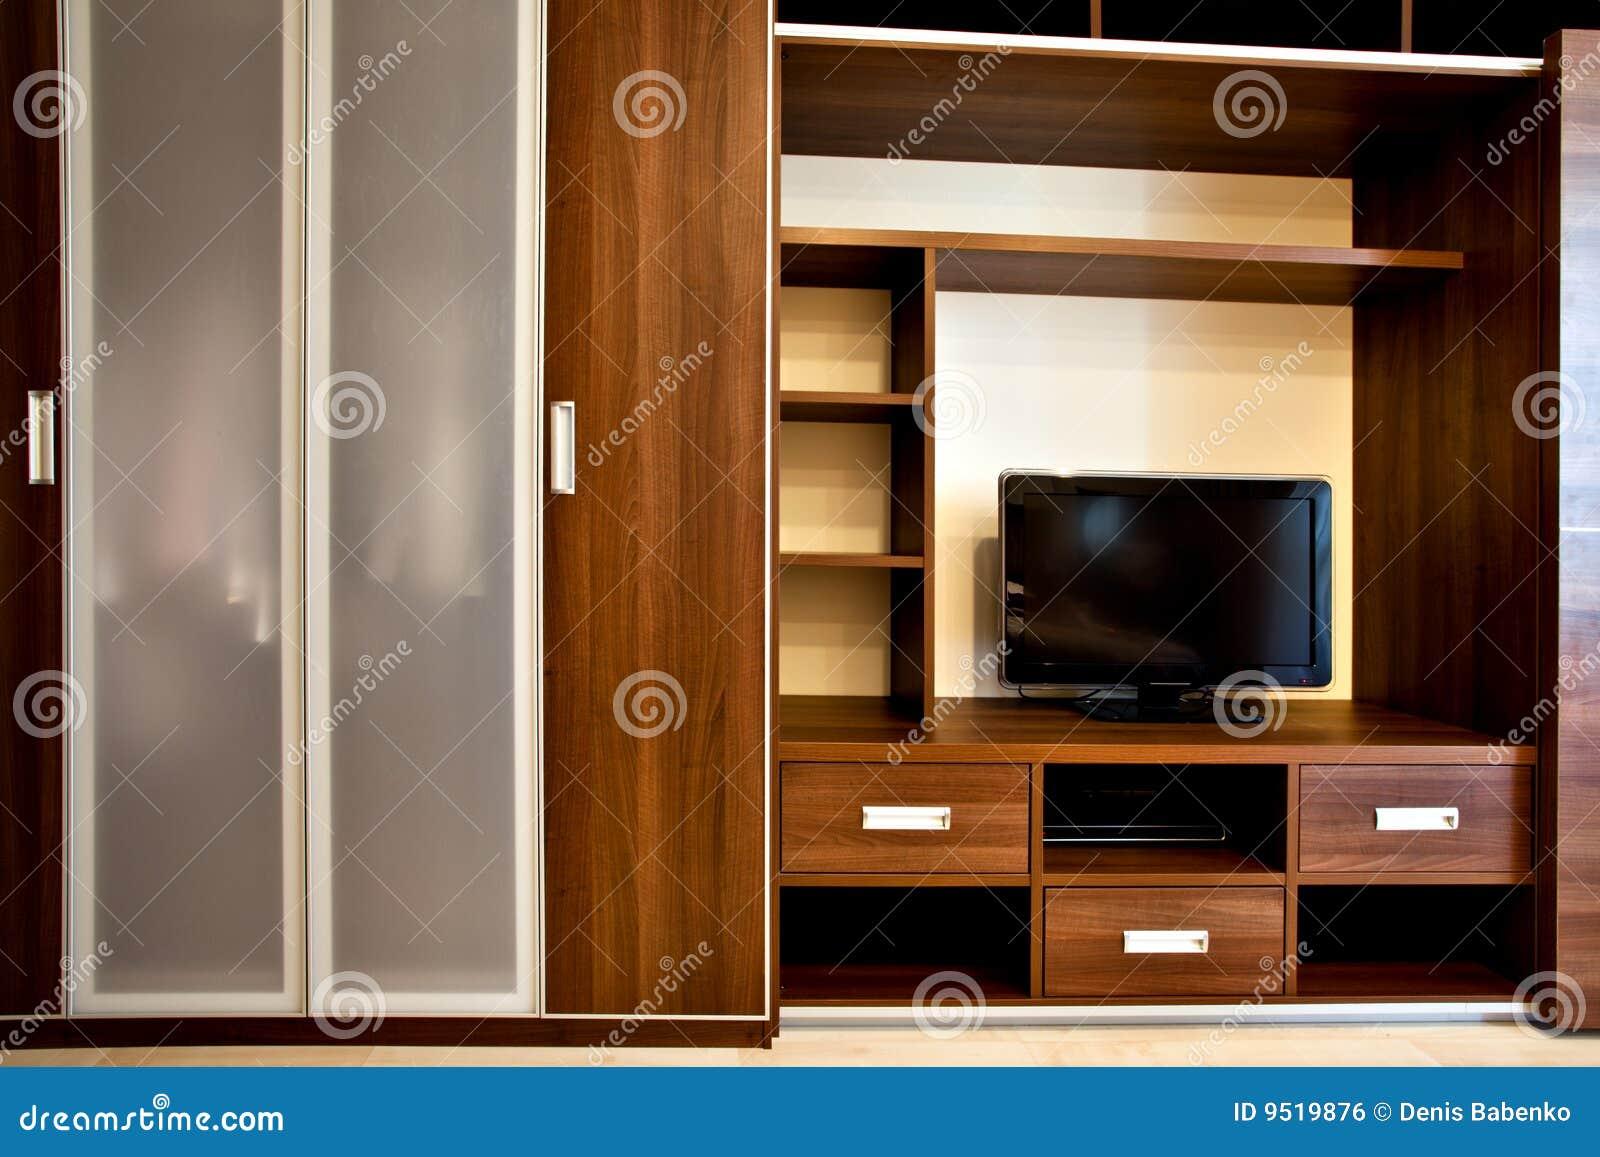 Estante para libros y guardarropa modernos foto de archivo - Estante para libros ...